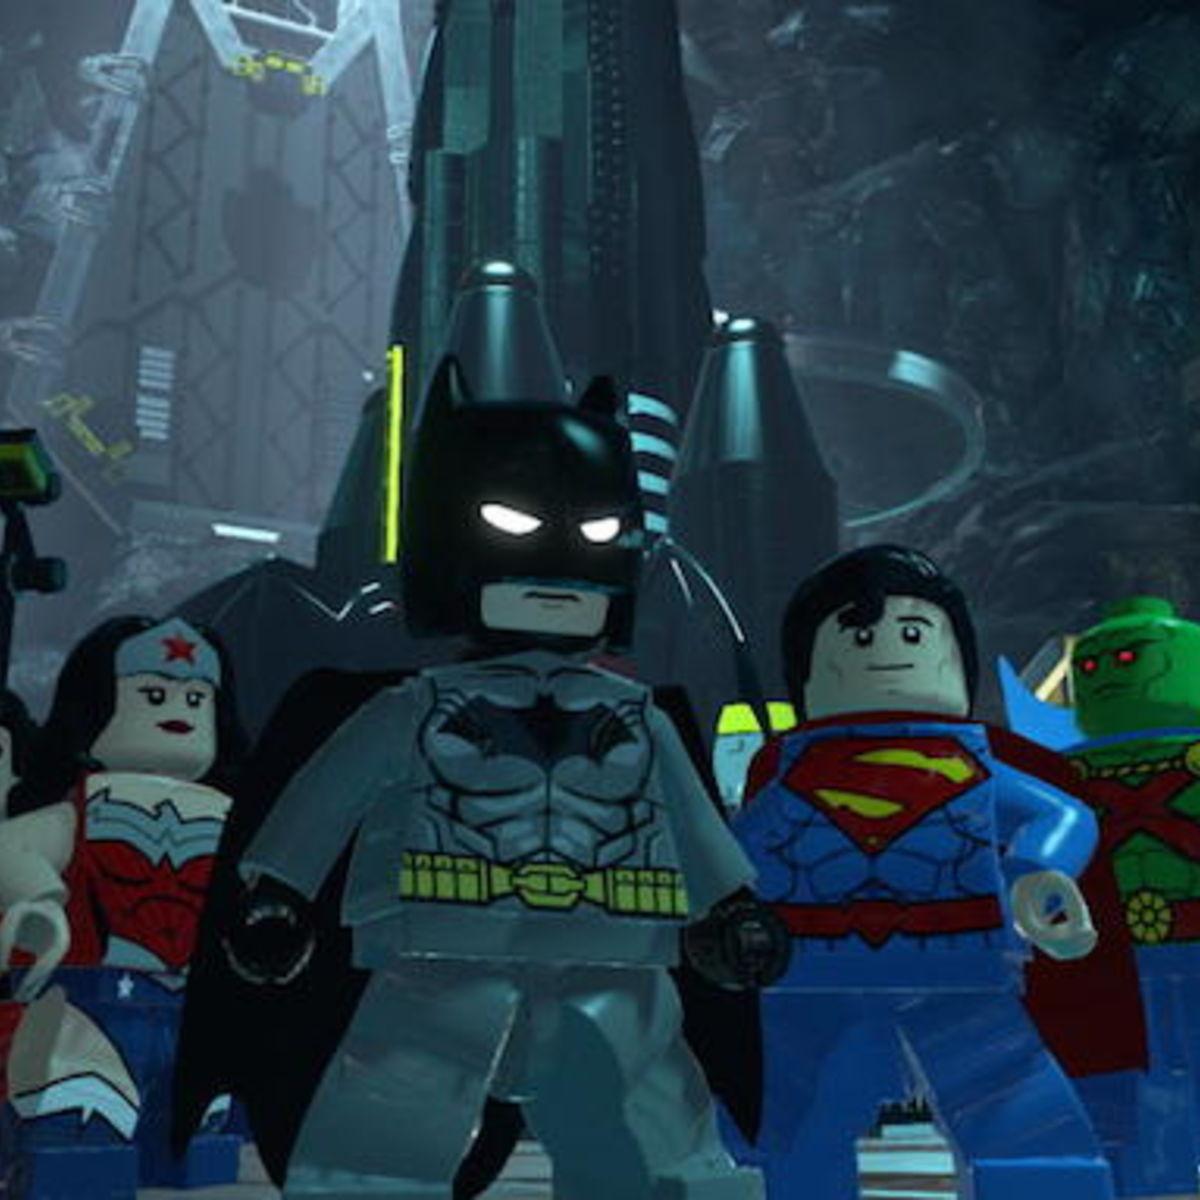 LEGO Batman 3_JusticeLeague_01_1.jpg